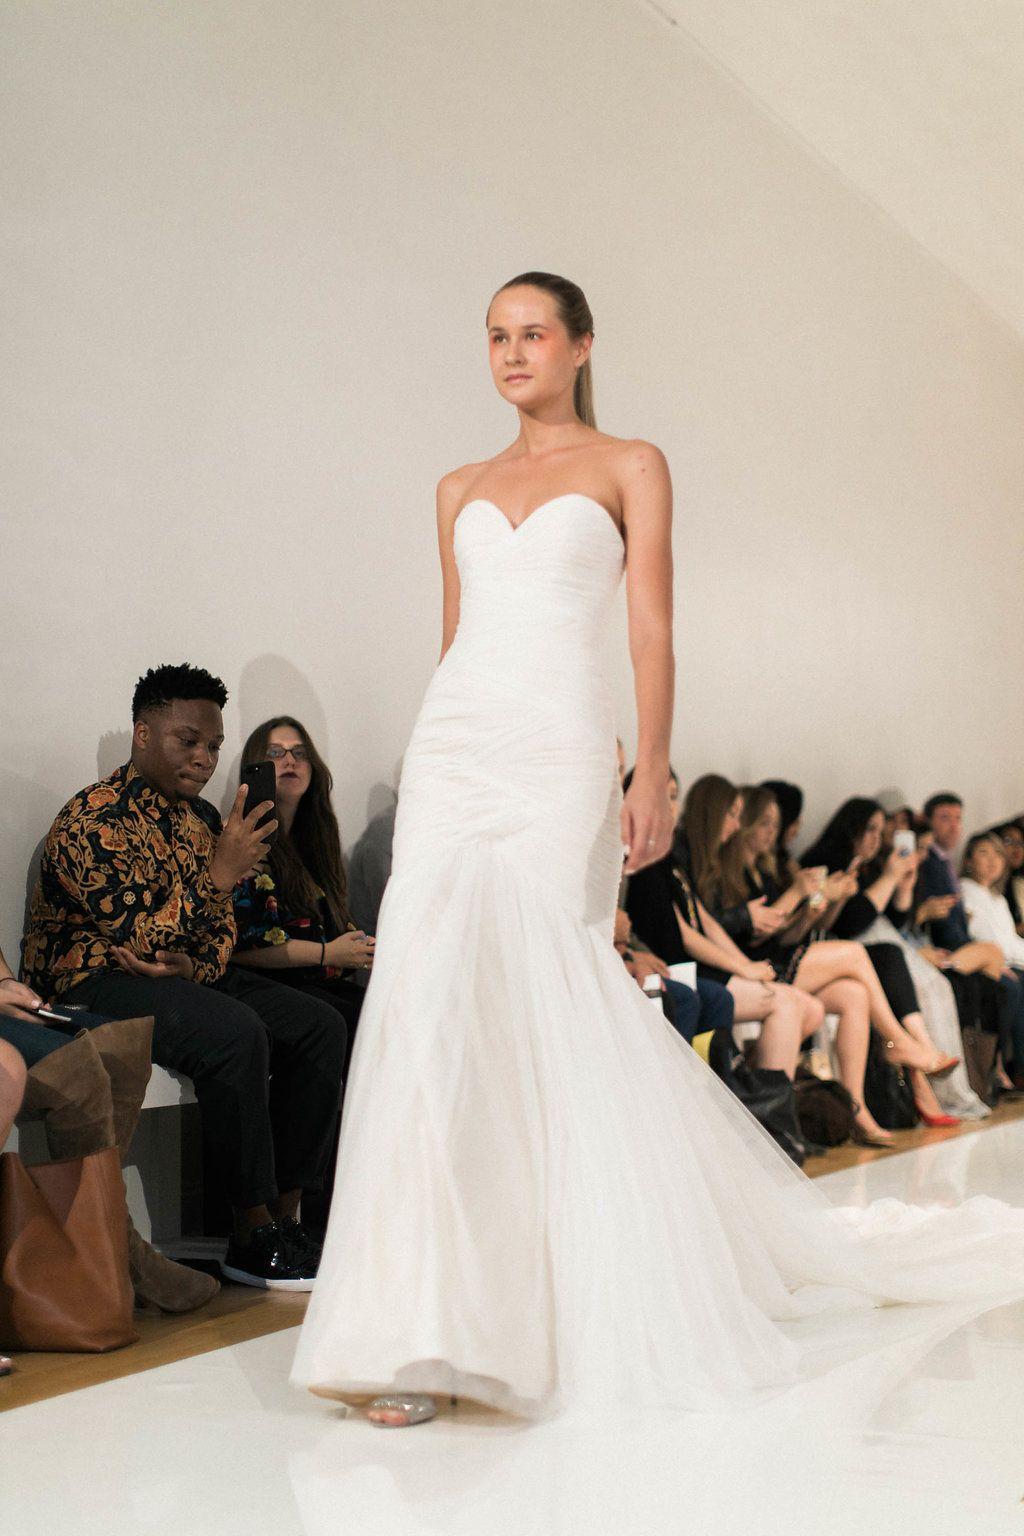 Mark Zunino With Images Bridal Fashion Designers Bridal Style Bridal Fashion Week